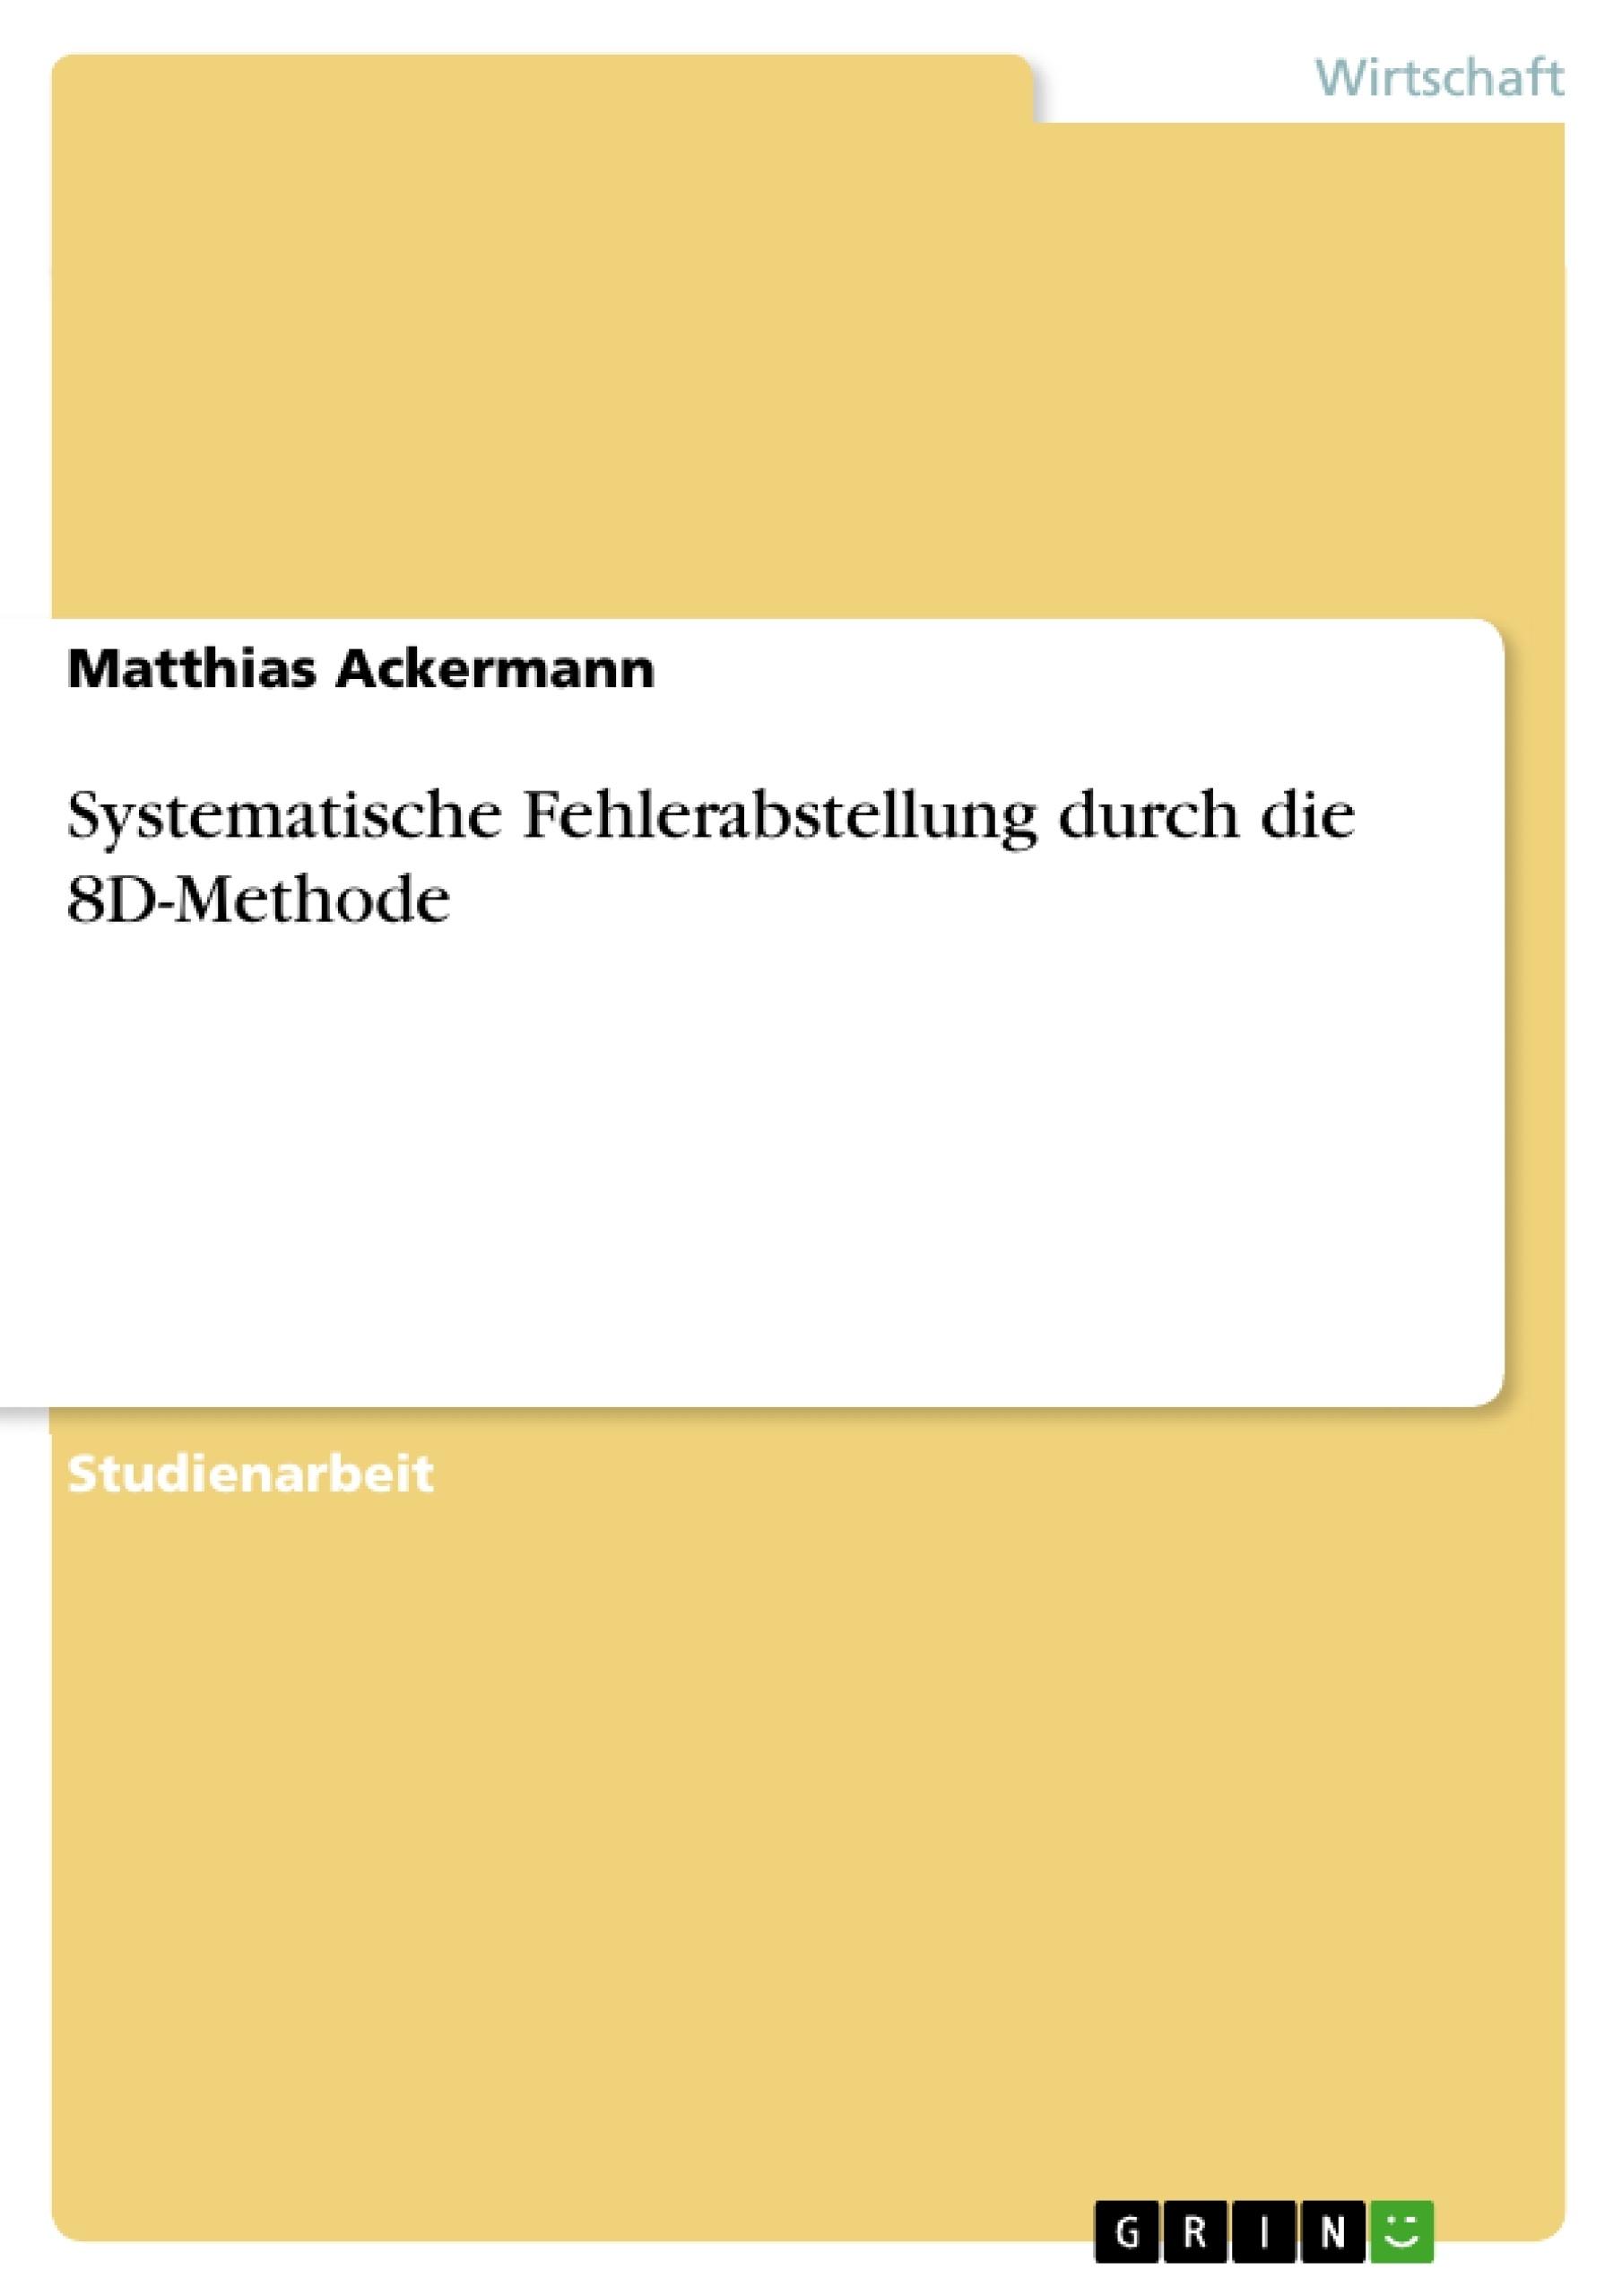 Titel: Systematische Fehlerabstellung durch die 8D-Methode